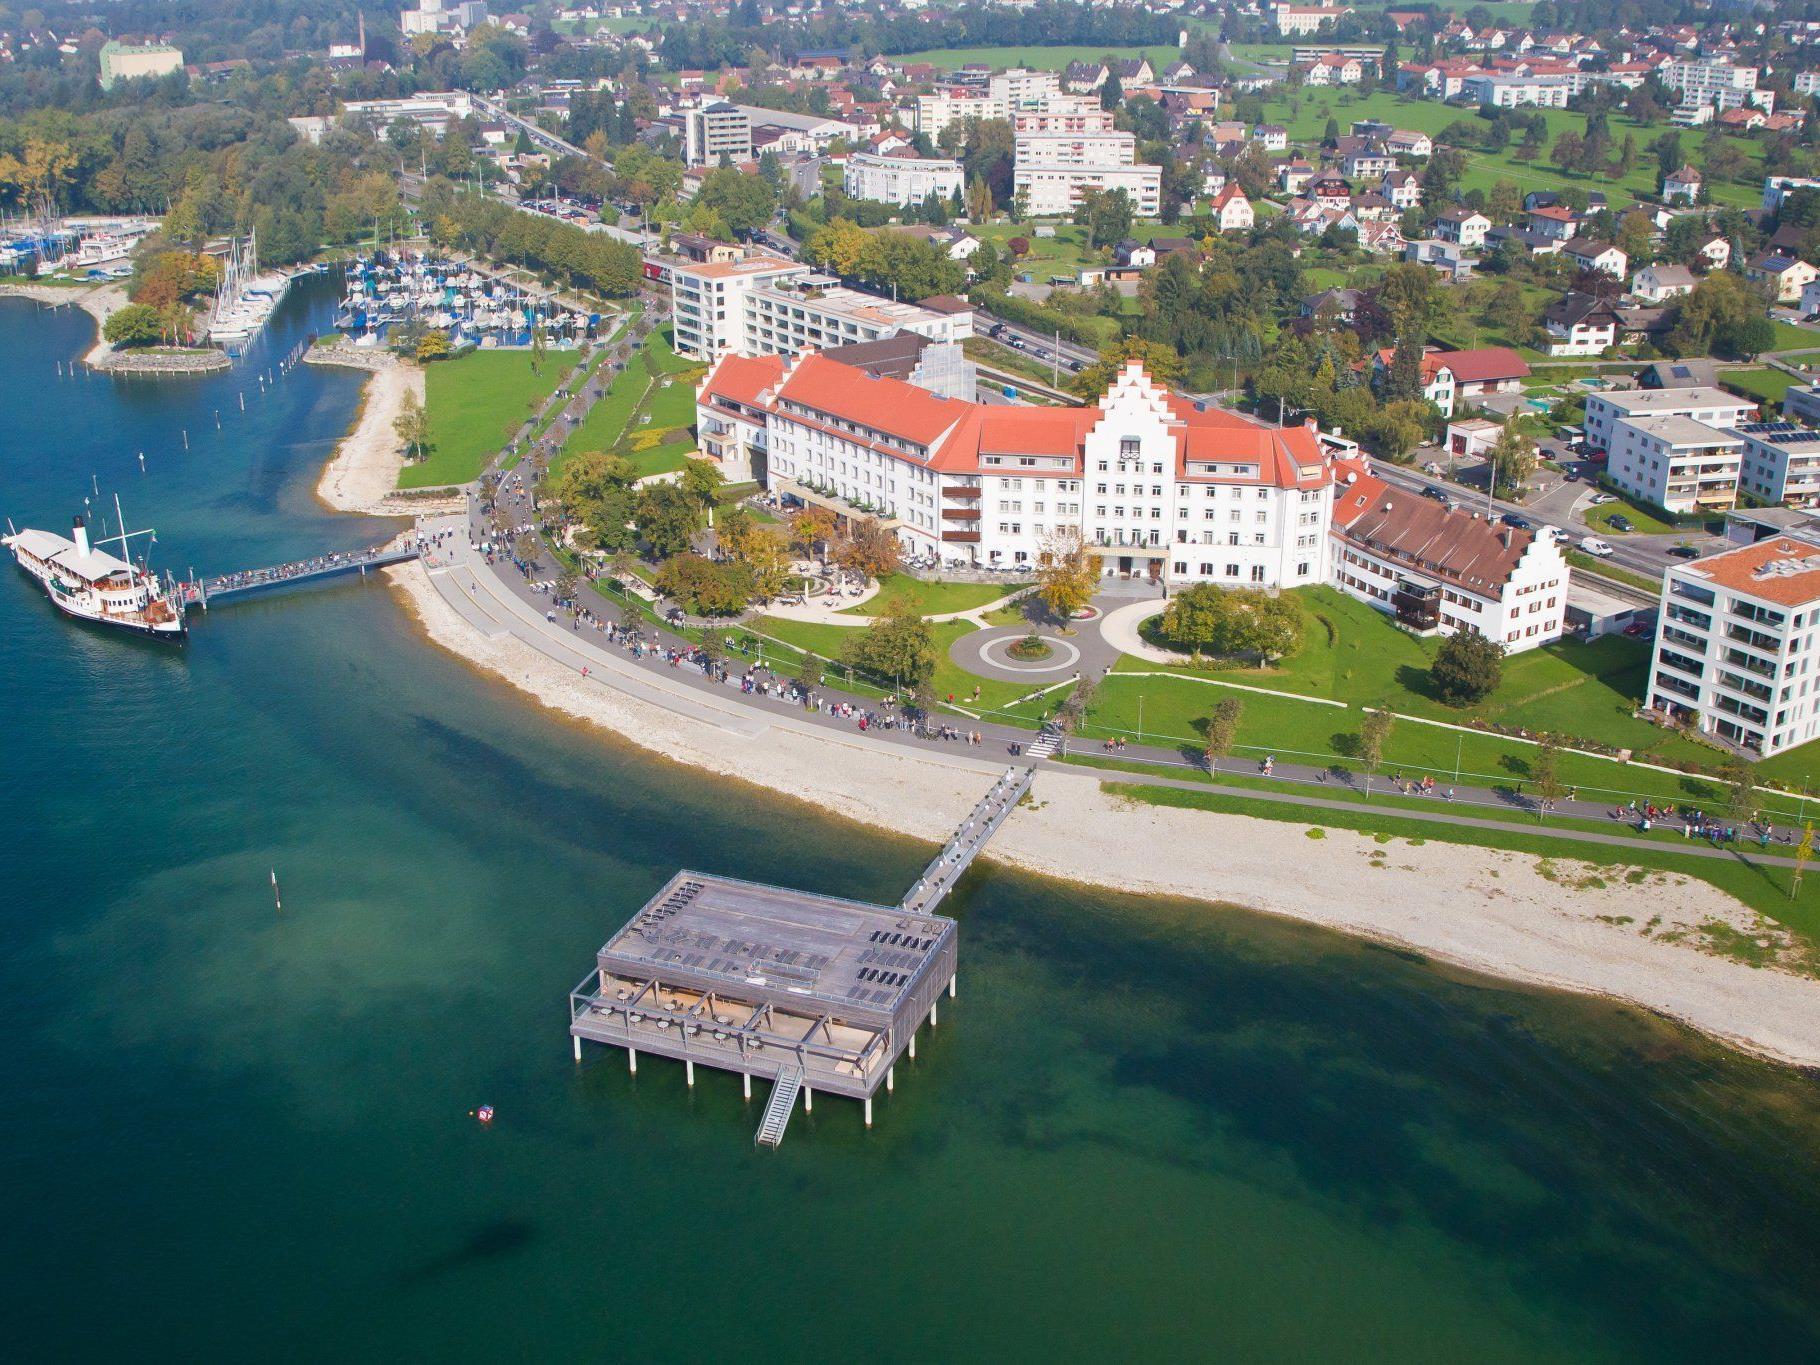 Mächtig steht es da am Lochauer Bodenseeufer – das Seehotel am Kaiserstrand.